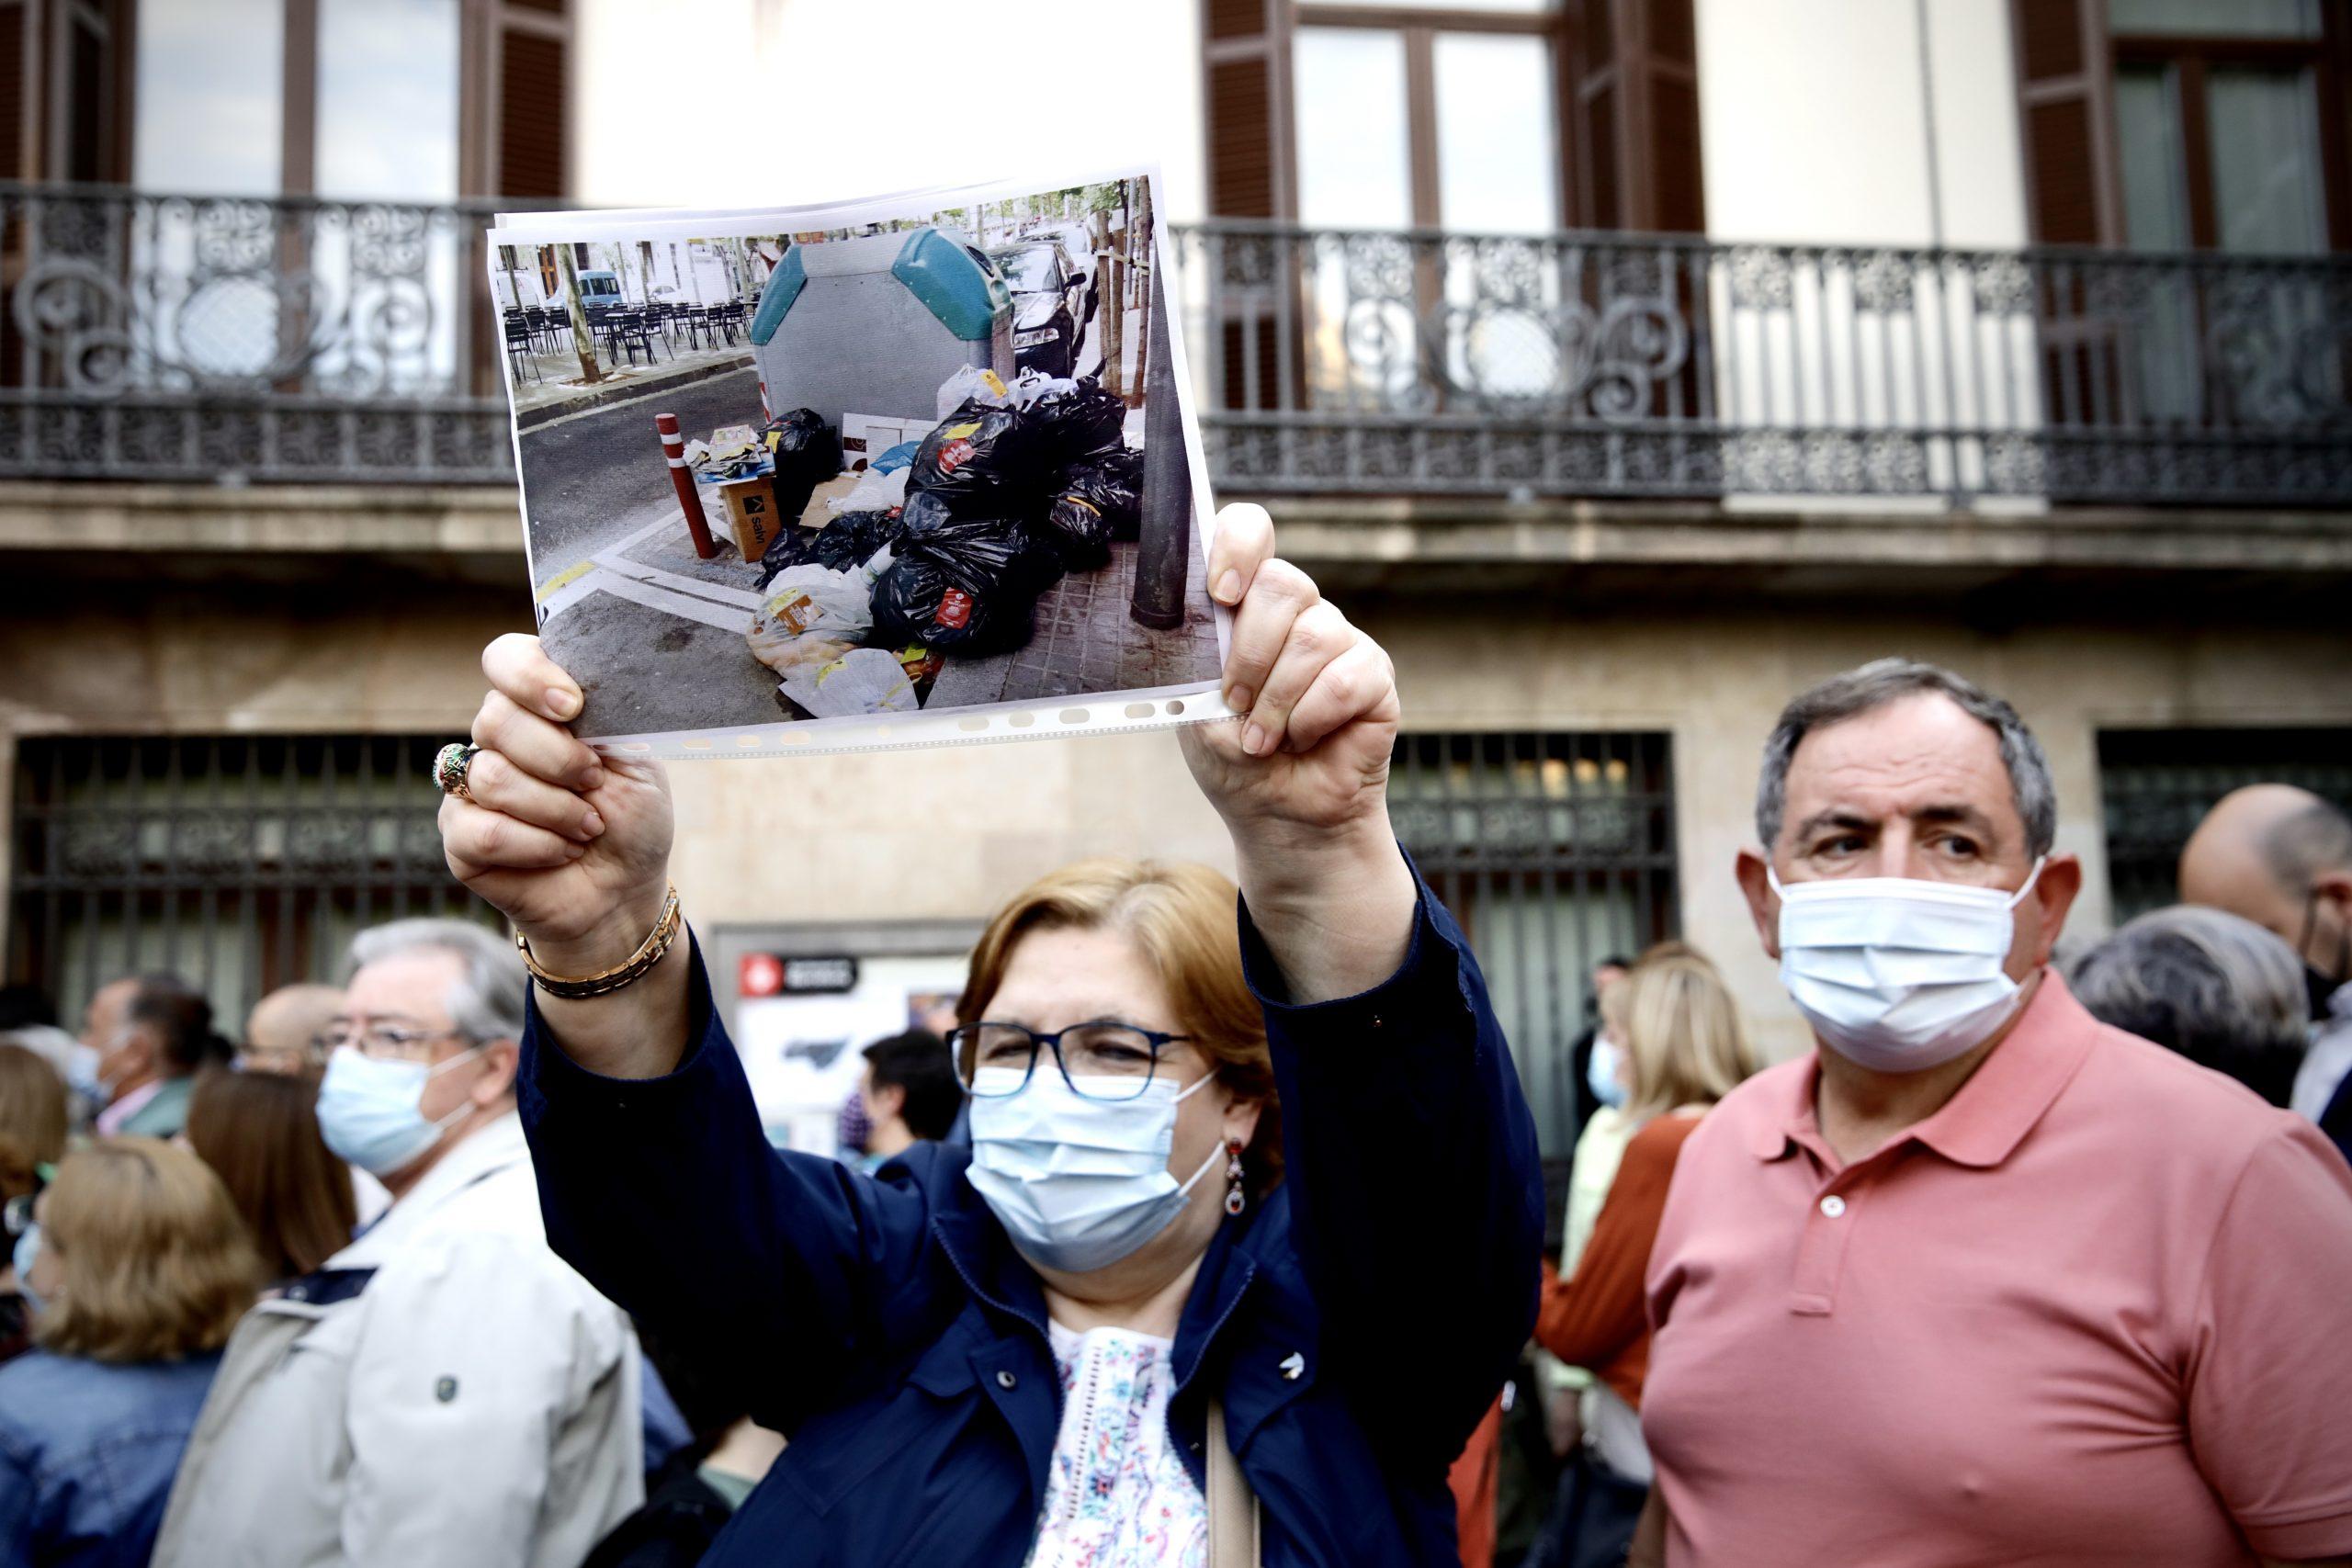 Protesta contra el porta a porta, en imatge d'arxiu / Jordi Play